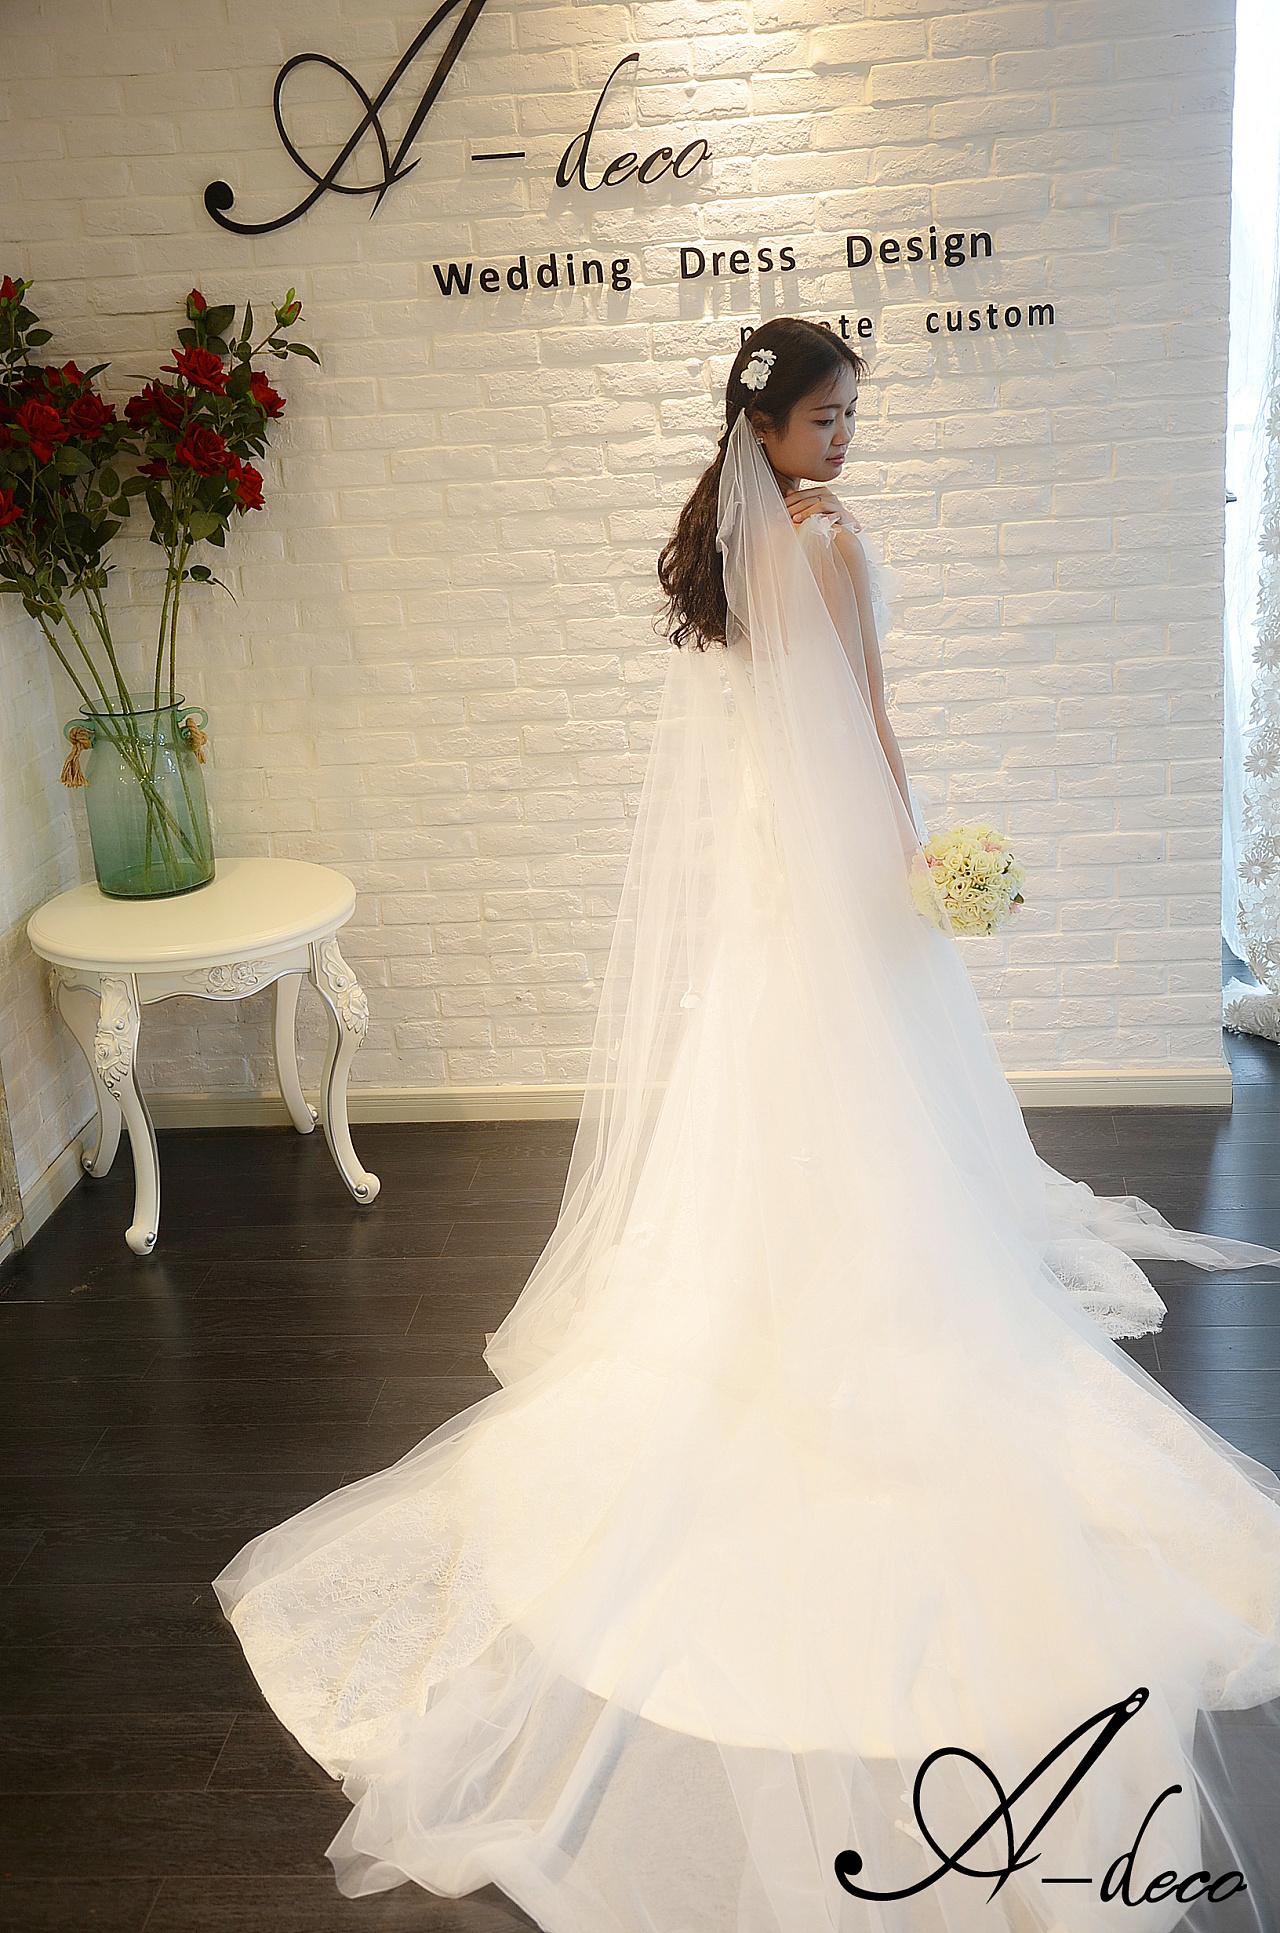 公主婚纱设计师_精灵|服装|正装/礼服|Adeco婚纱礼服 - 原创作品 - 站酷 (ZCOOL)